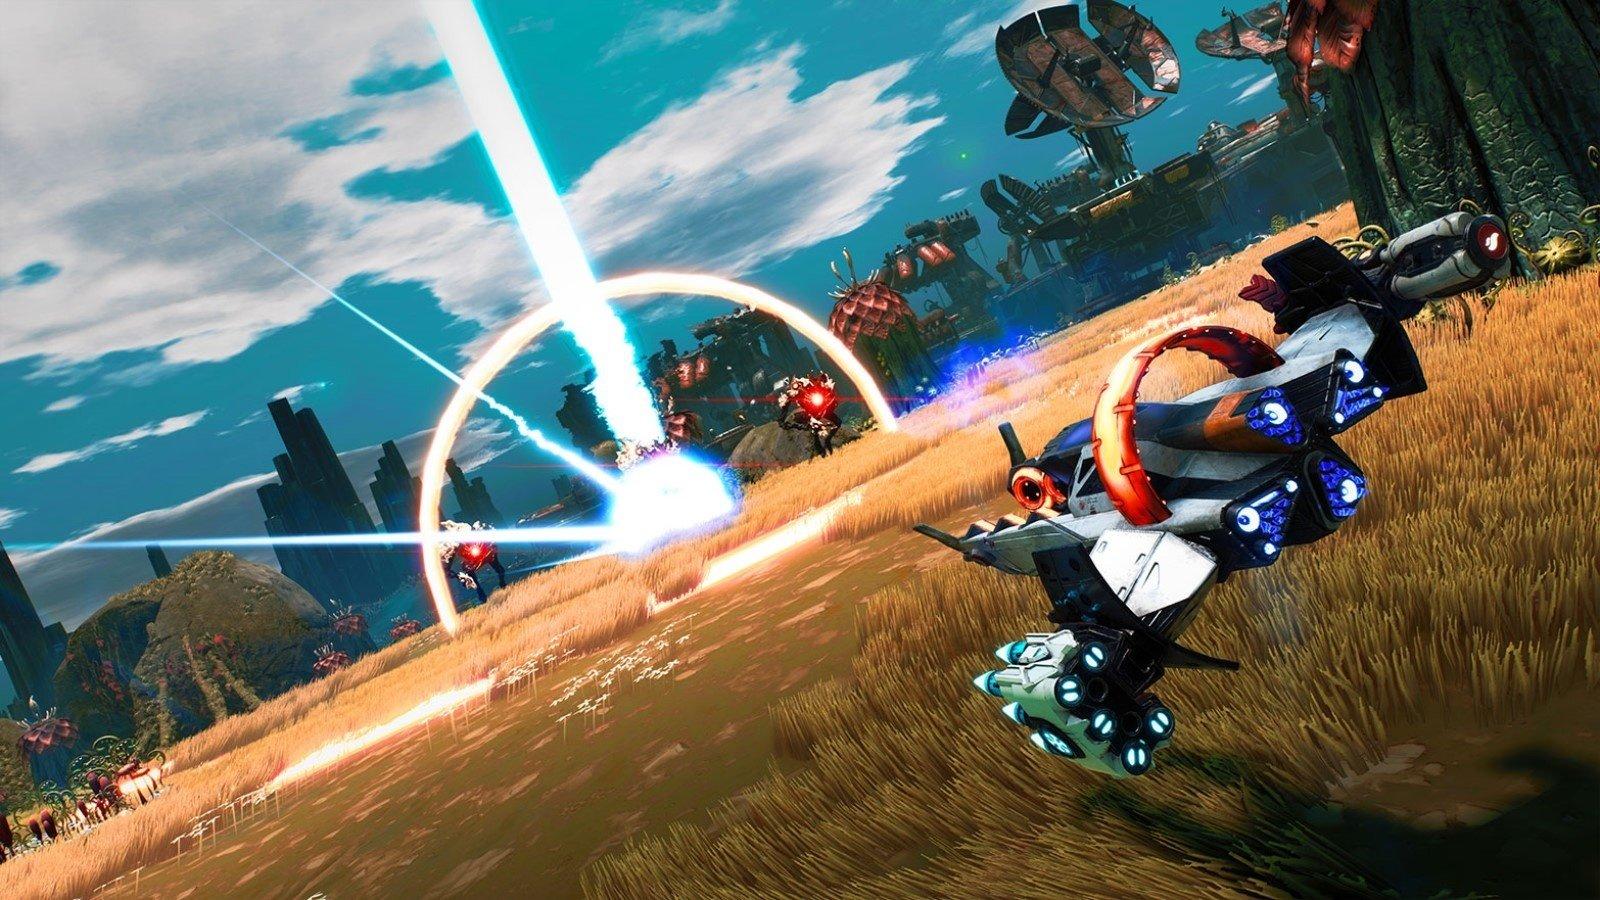 虚拟和现实的结合!《星链 阿特拉斯之战》将于10月16日发售